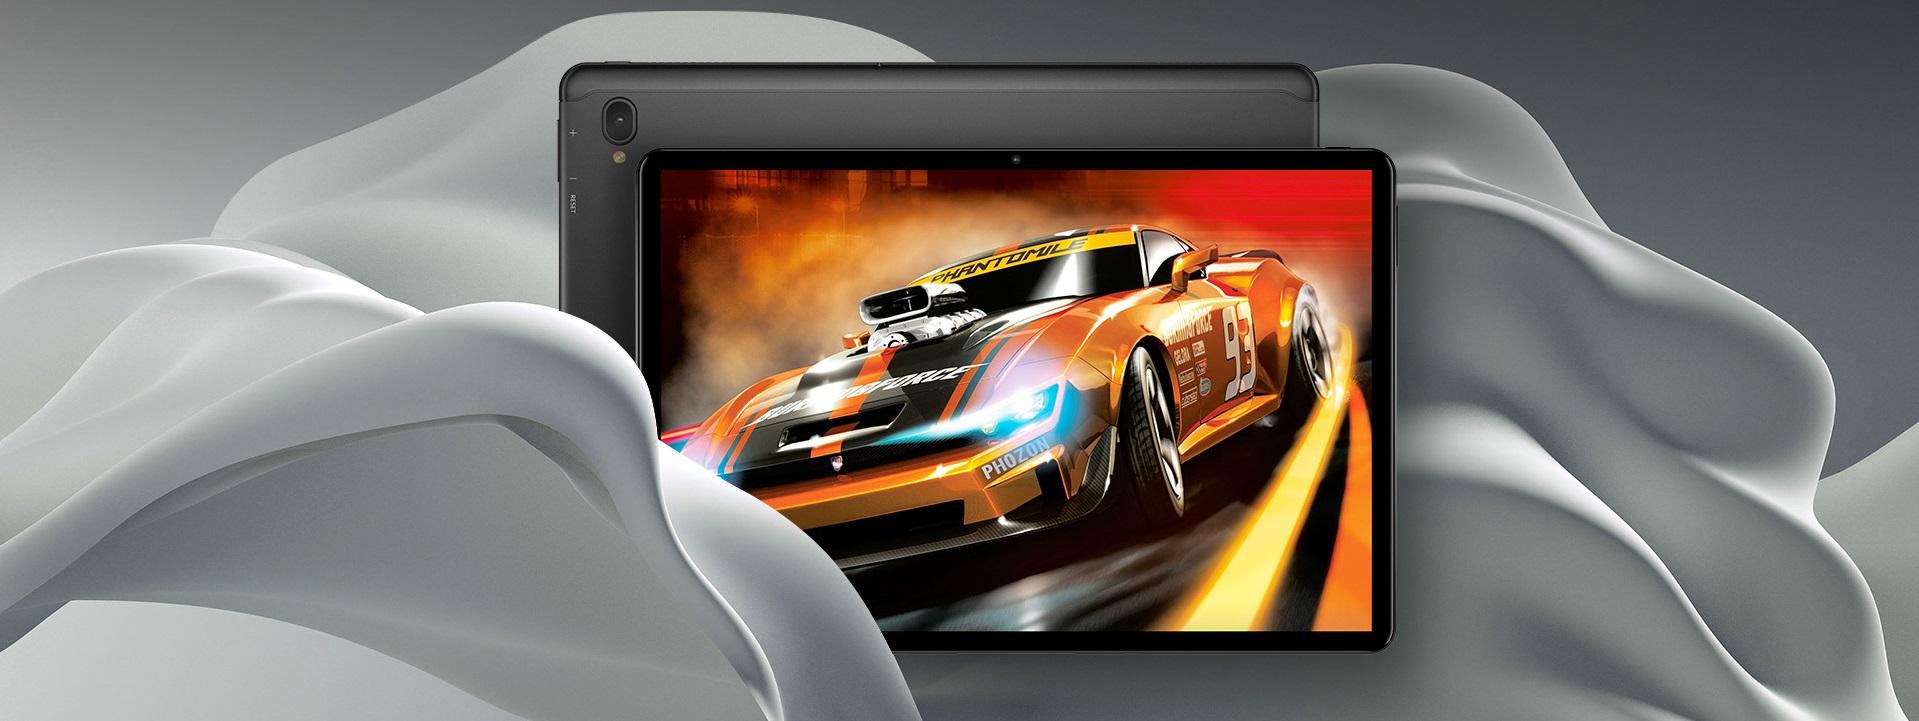 Teclast T30 Pro tablet